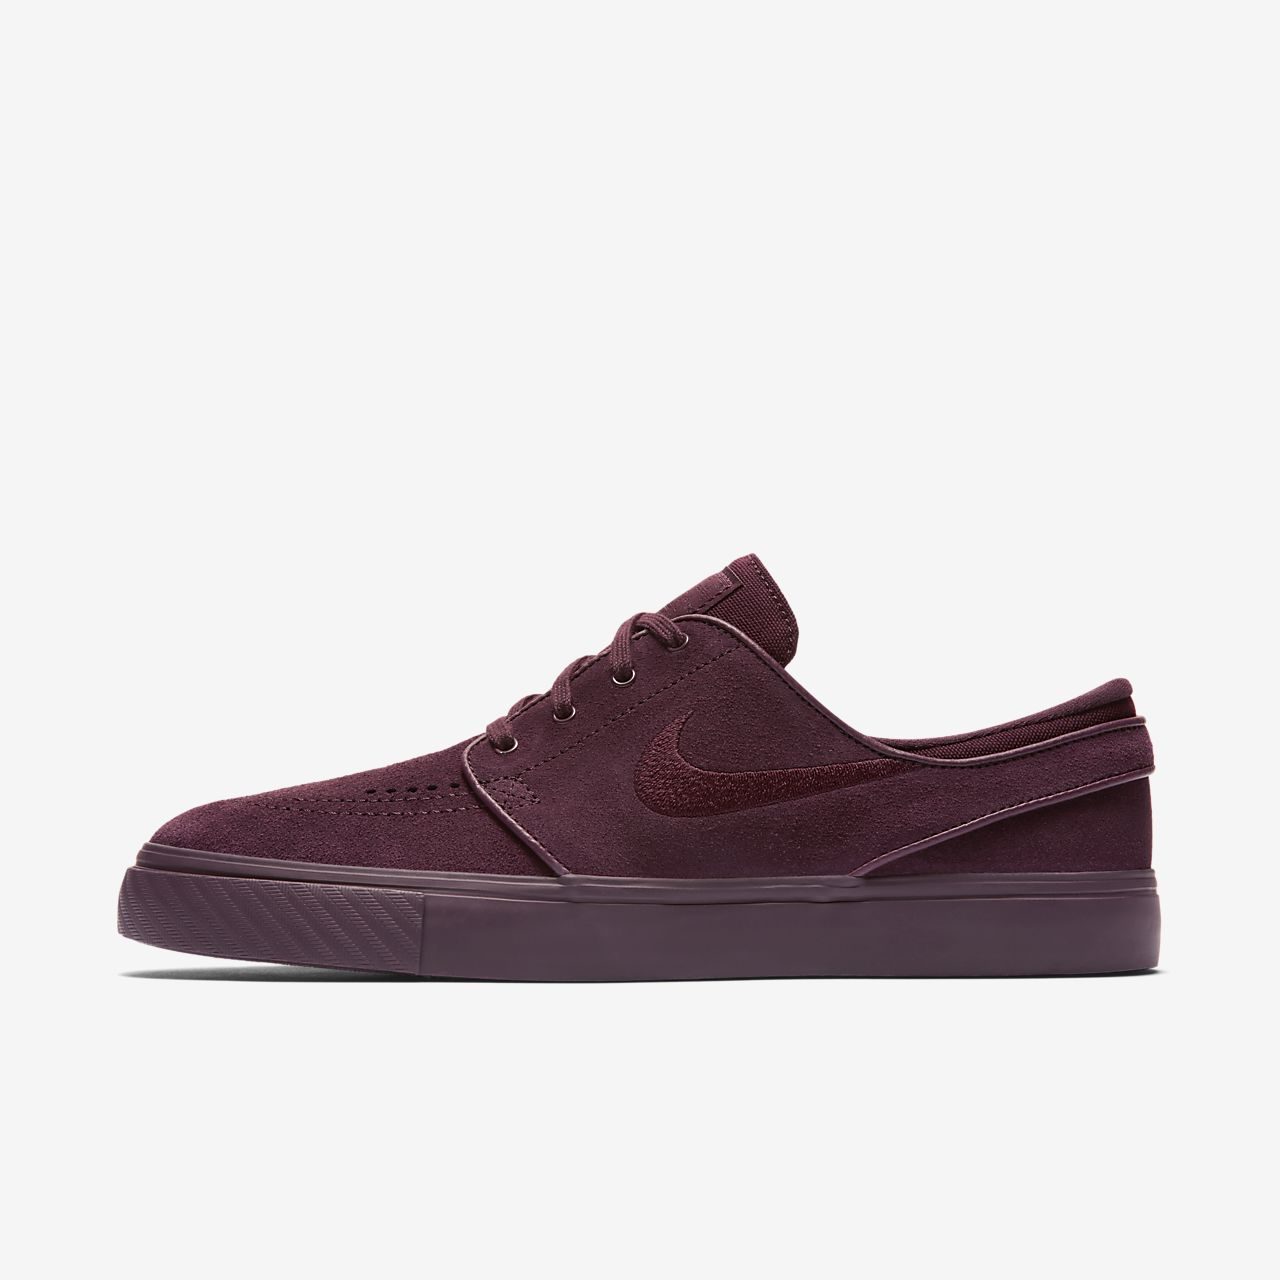 Nike Sb Stefan Janoski Purple | C.S.A.L.